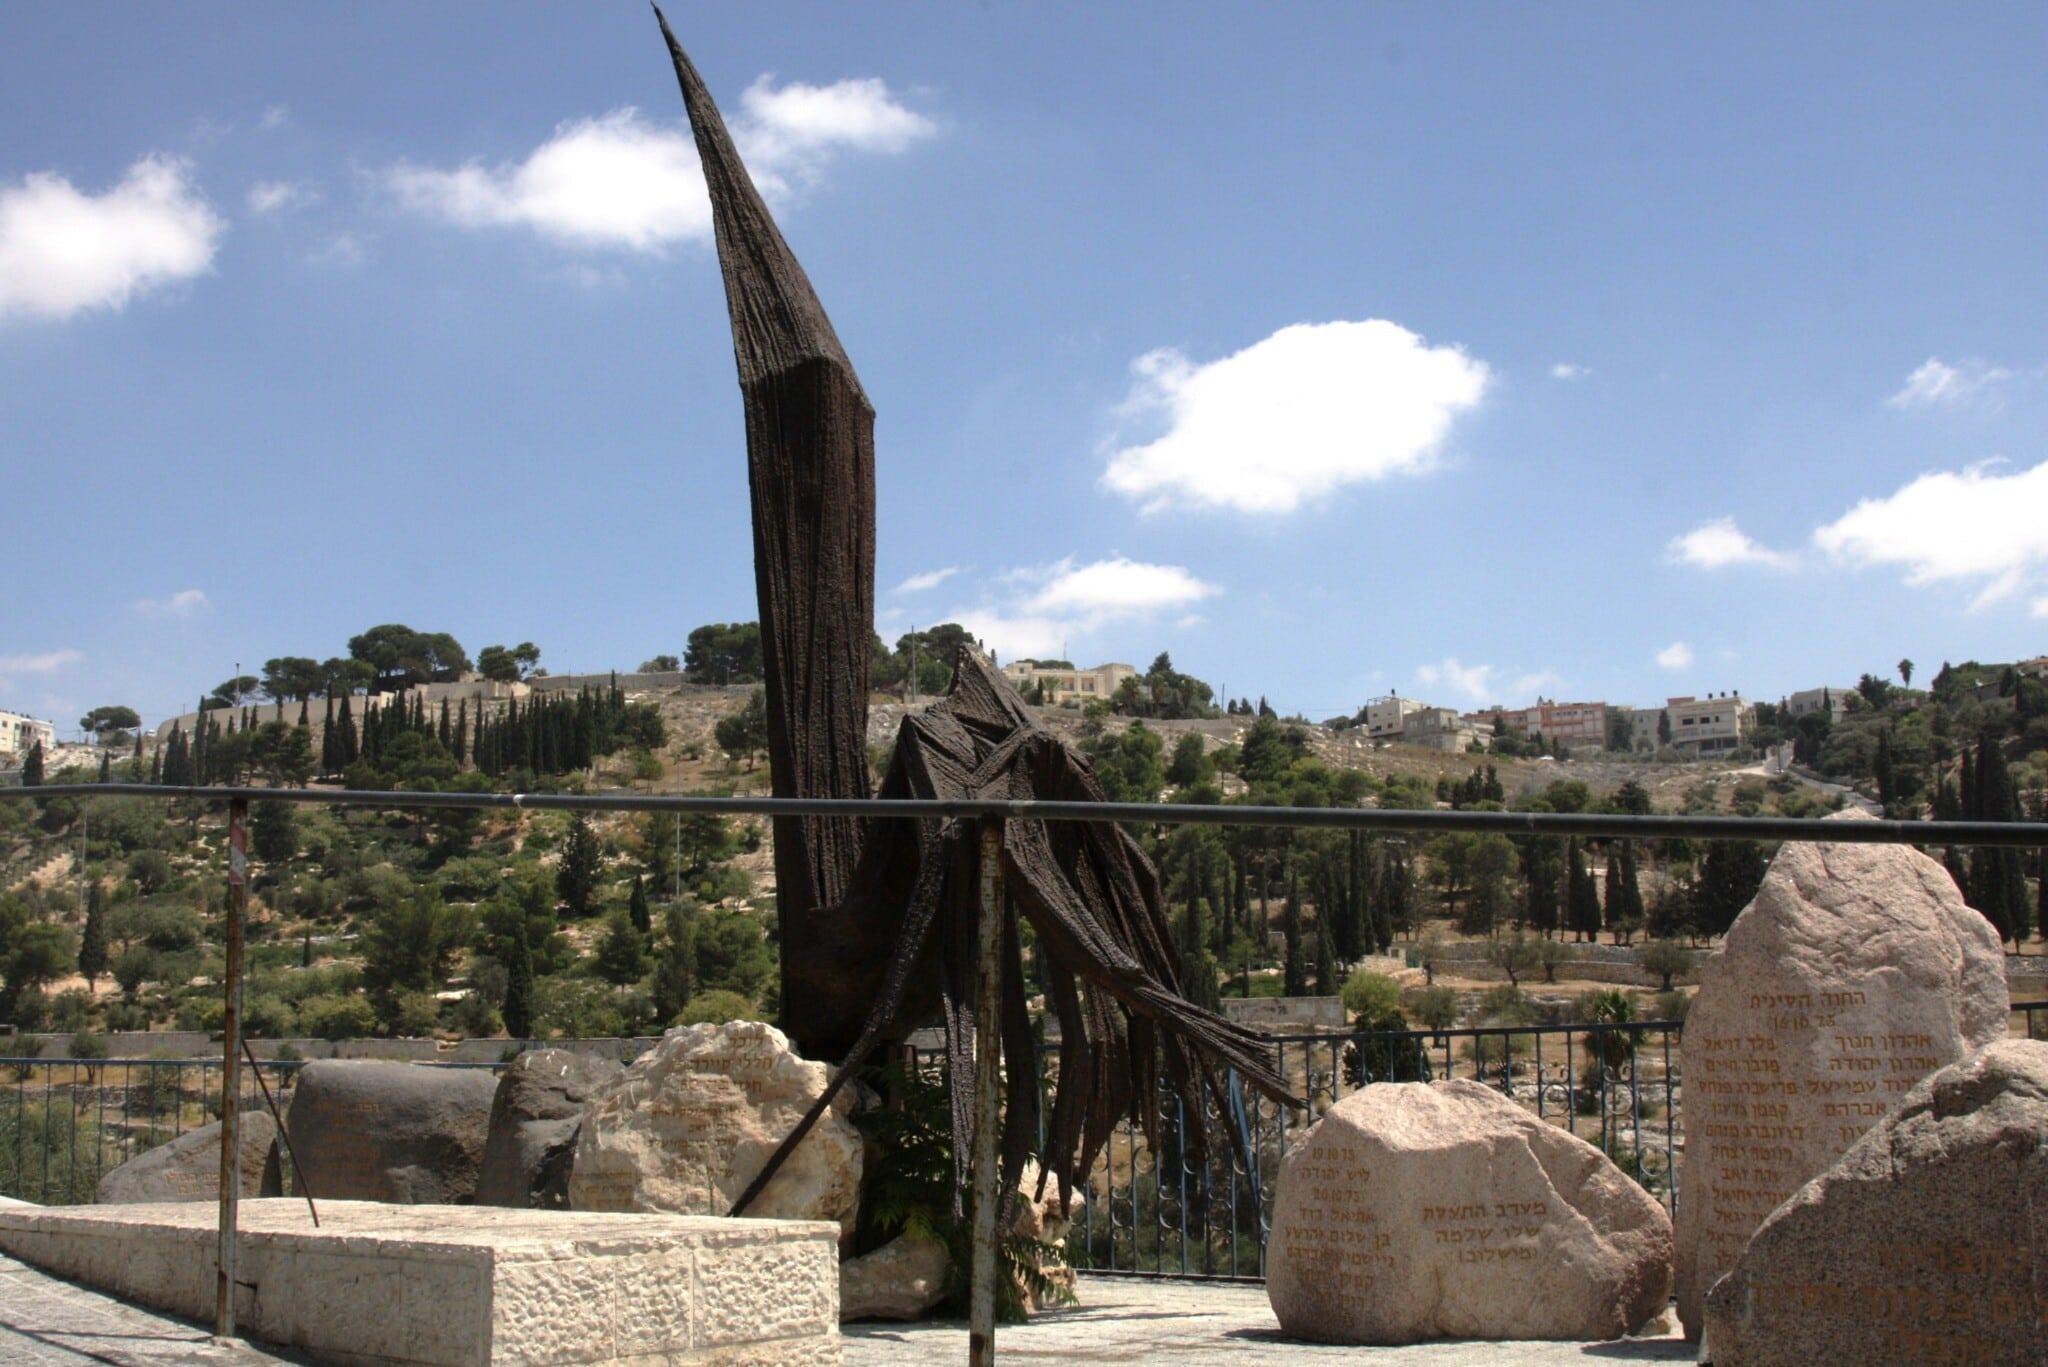 אנדרטת העיט לזכר החיילים שנפלו במלחמת ששת הימים, ליד שער האריות בסמוך לעיר העתיקה (צילום: שמואל בר-עם)